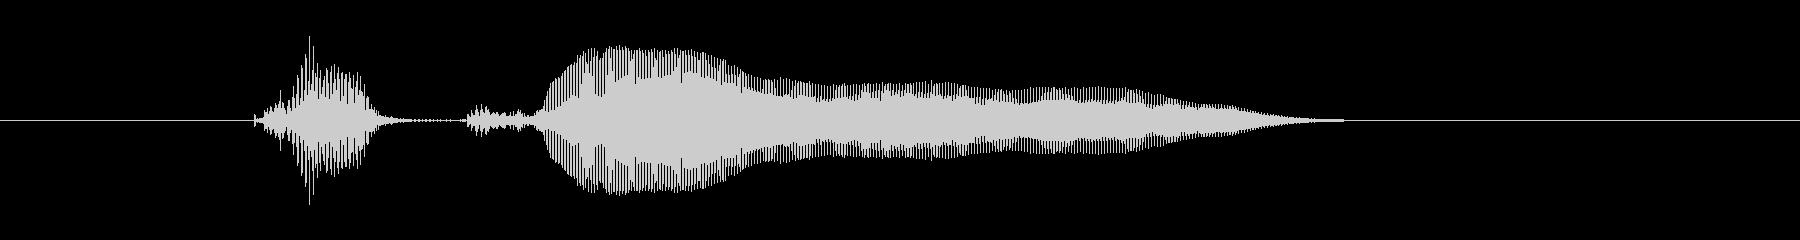 パコーン!の未再生の波形